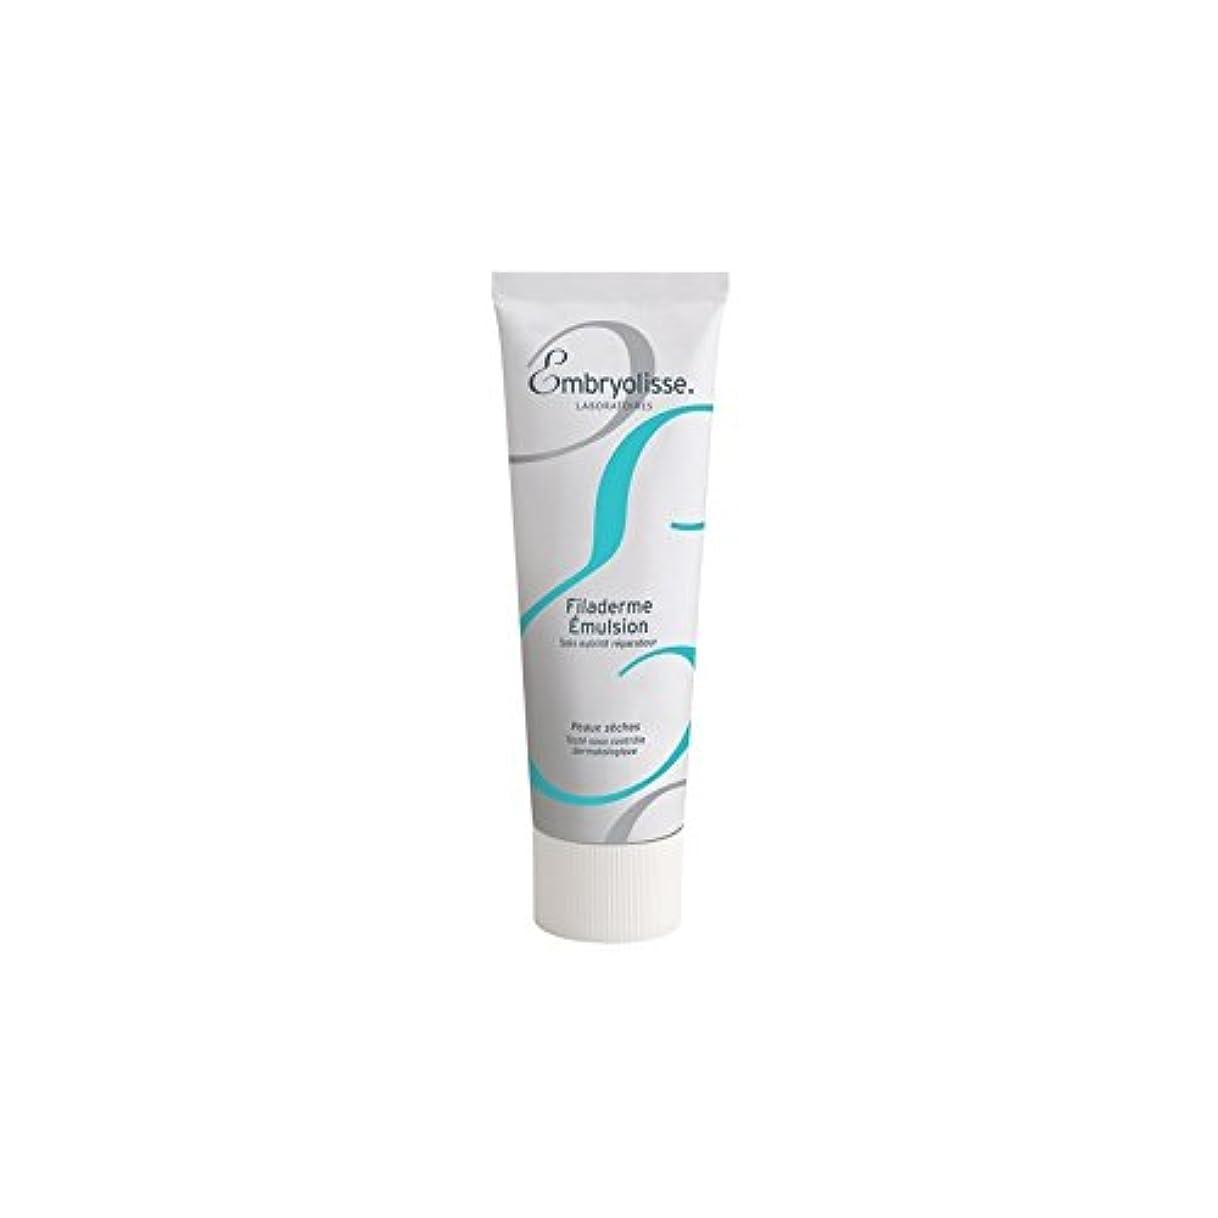 コスチューム耐えられる独特のEmbryolisse Filaderme Emulsion (75ml) - エマルジョン(75ミリリットル) [並行輸入品]